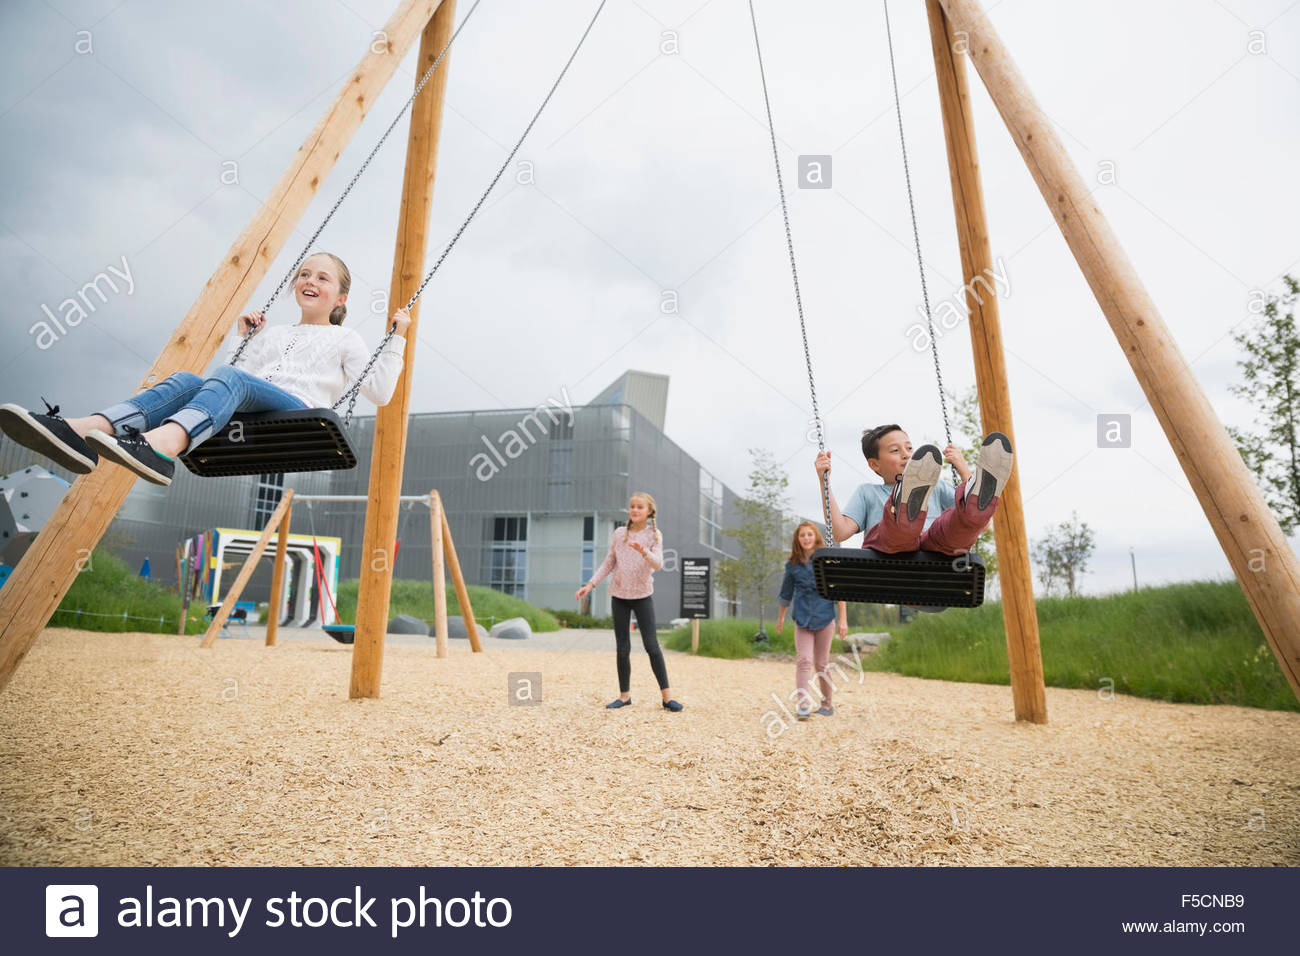 Girls swinging at playground Stock Photo